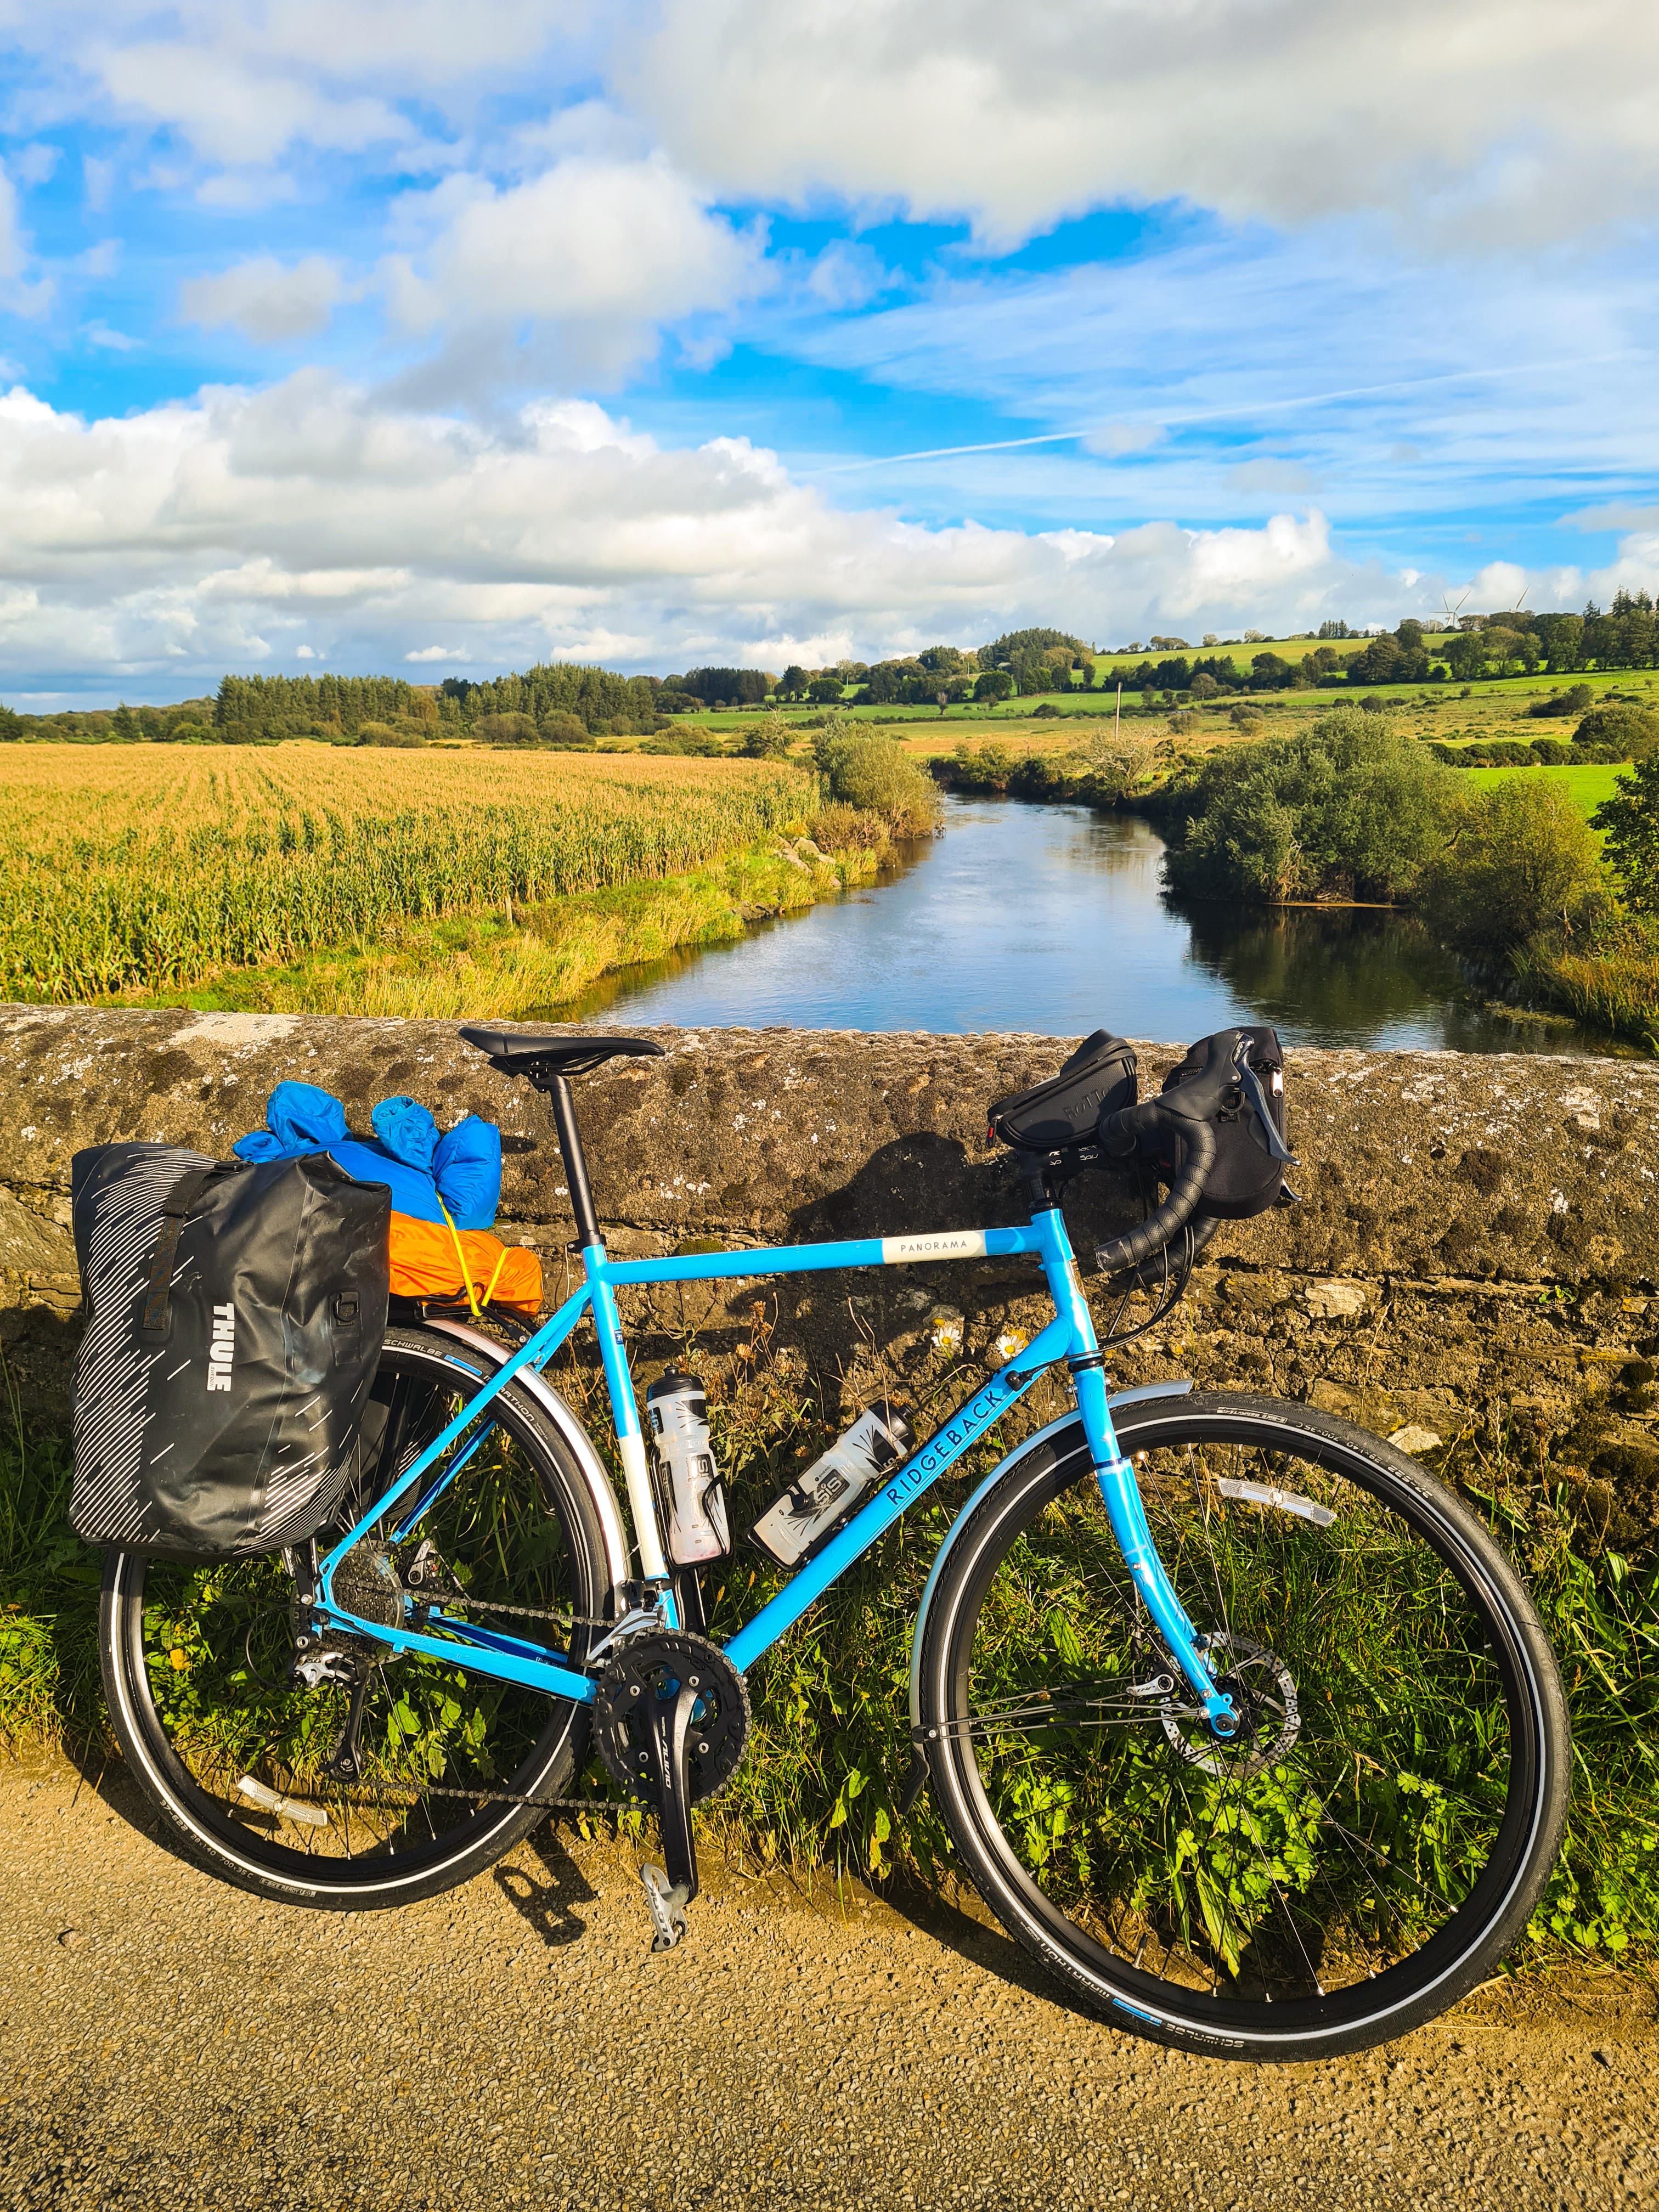 Touring bike image